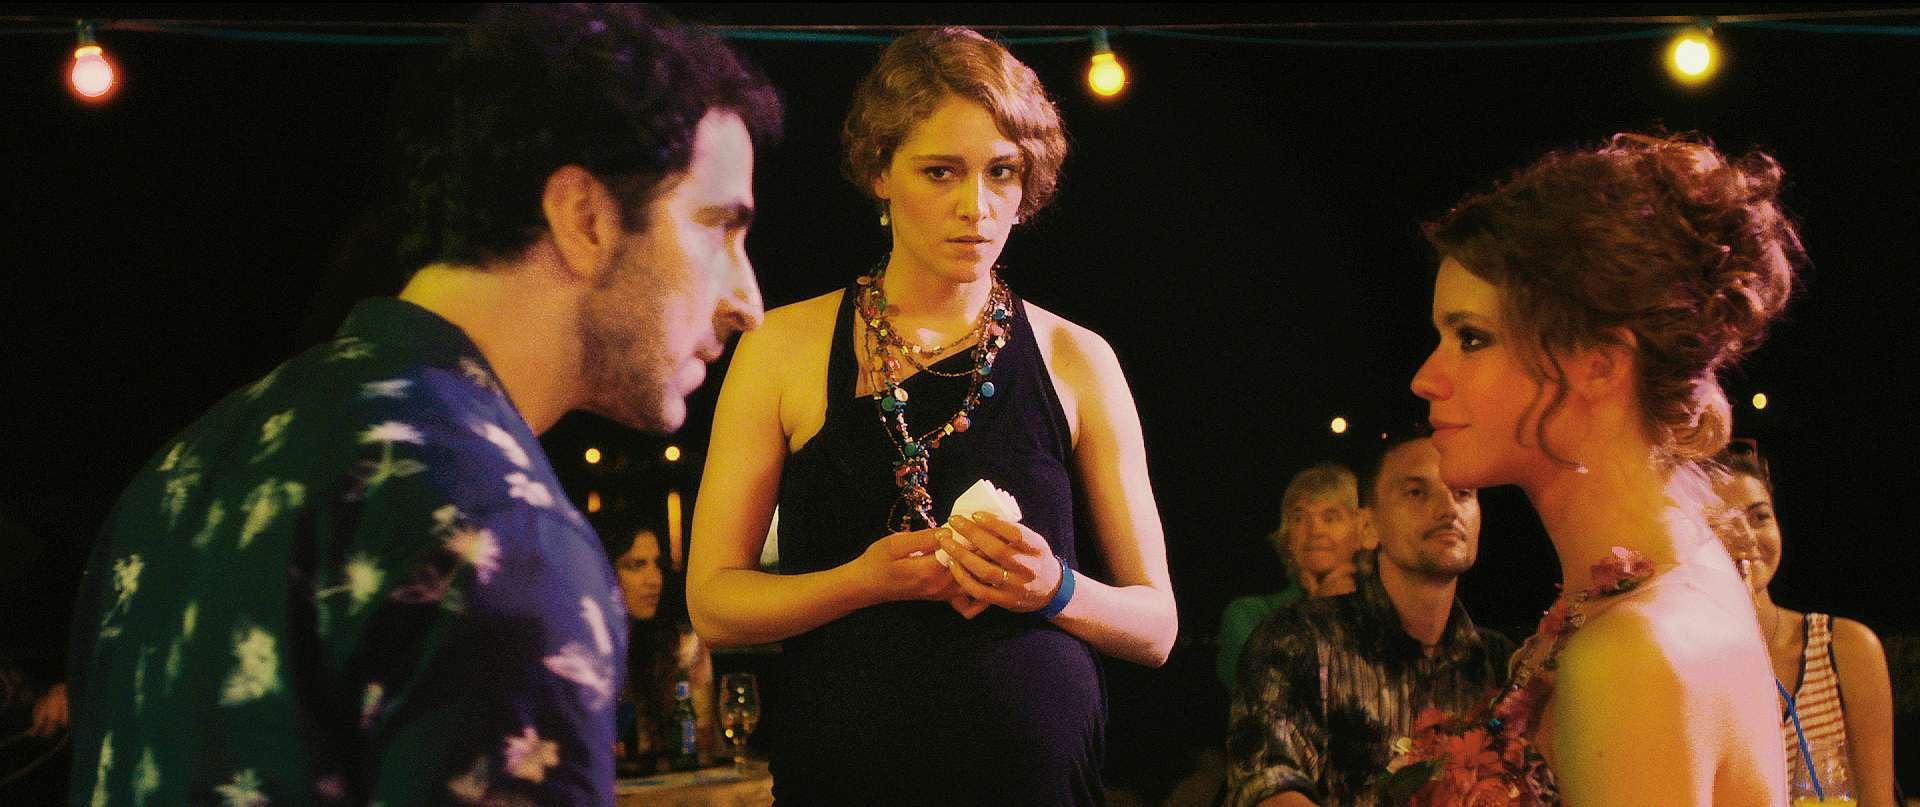 Love Island: Ariane Labed, Ermin Bravo e Ada Condeescu in una scena del film